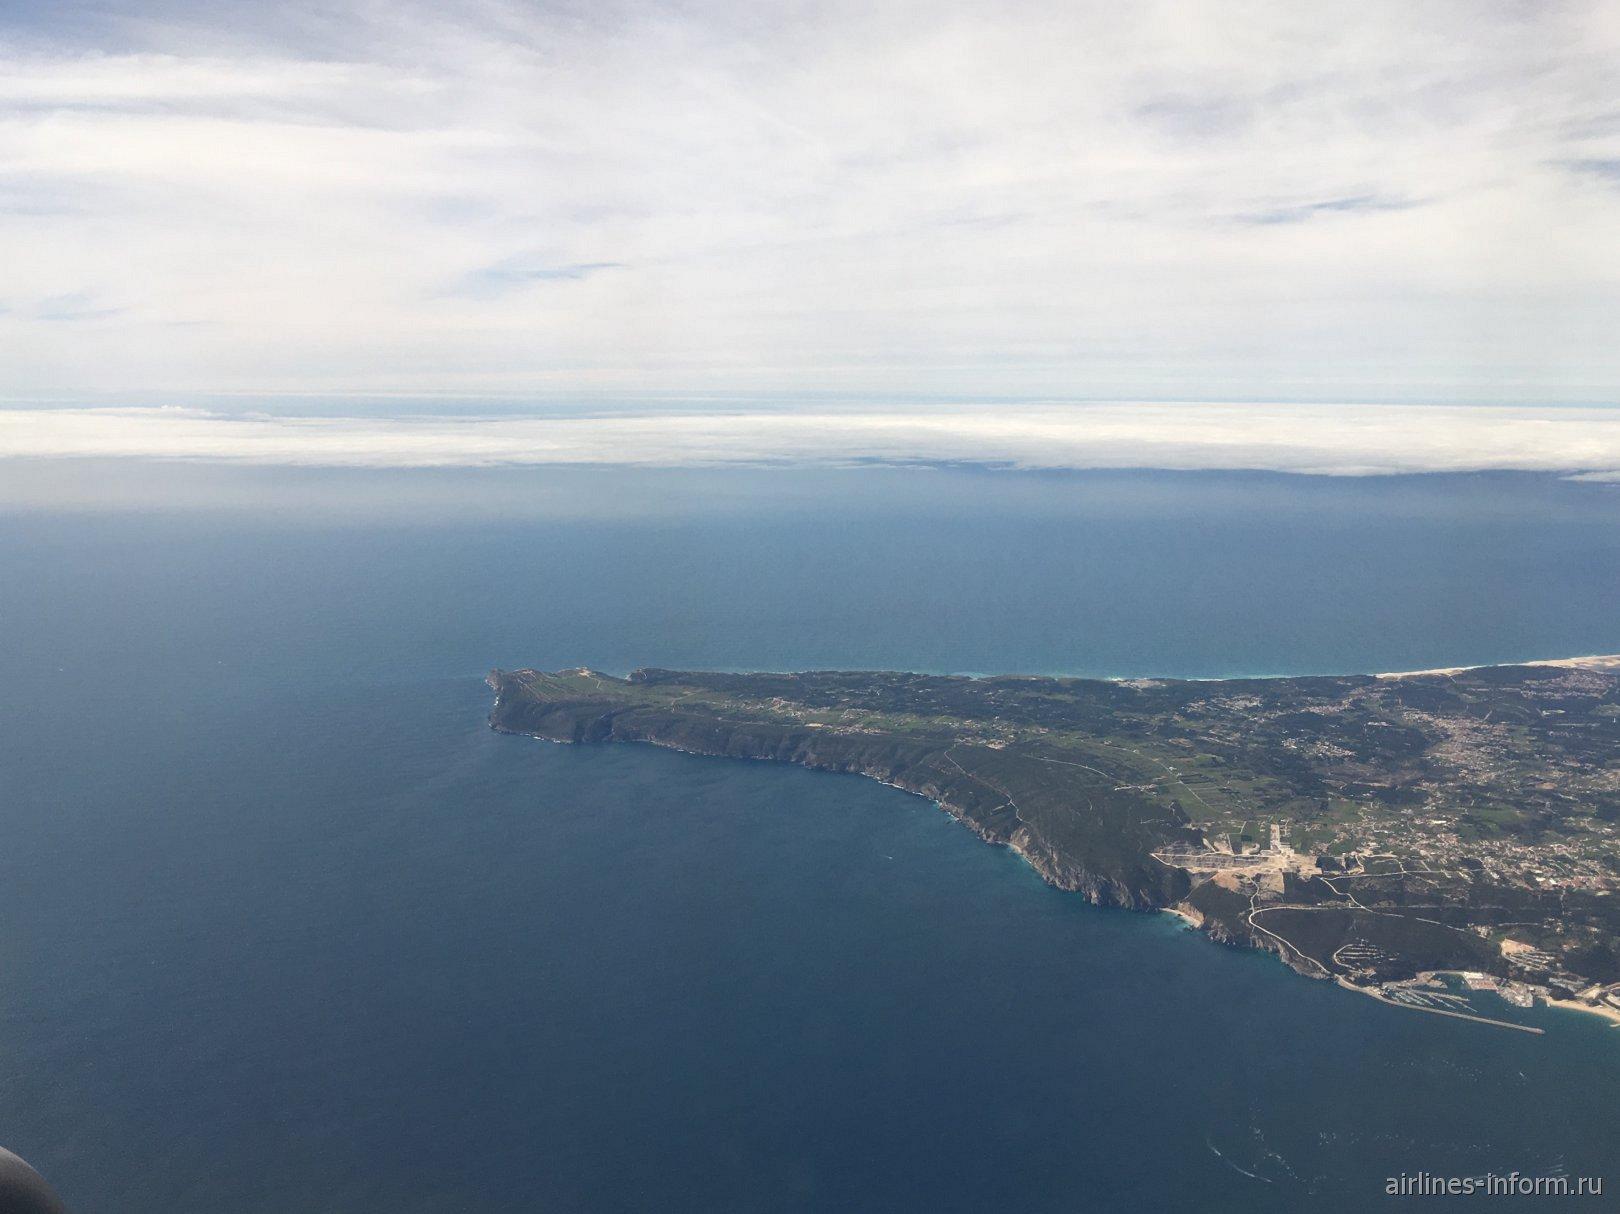 Мыс Кабо-Эспичель на побережье Атлантического океана в Португалии